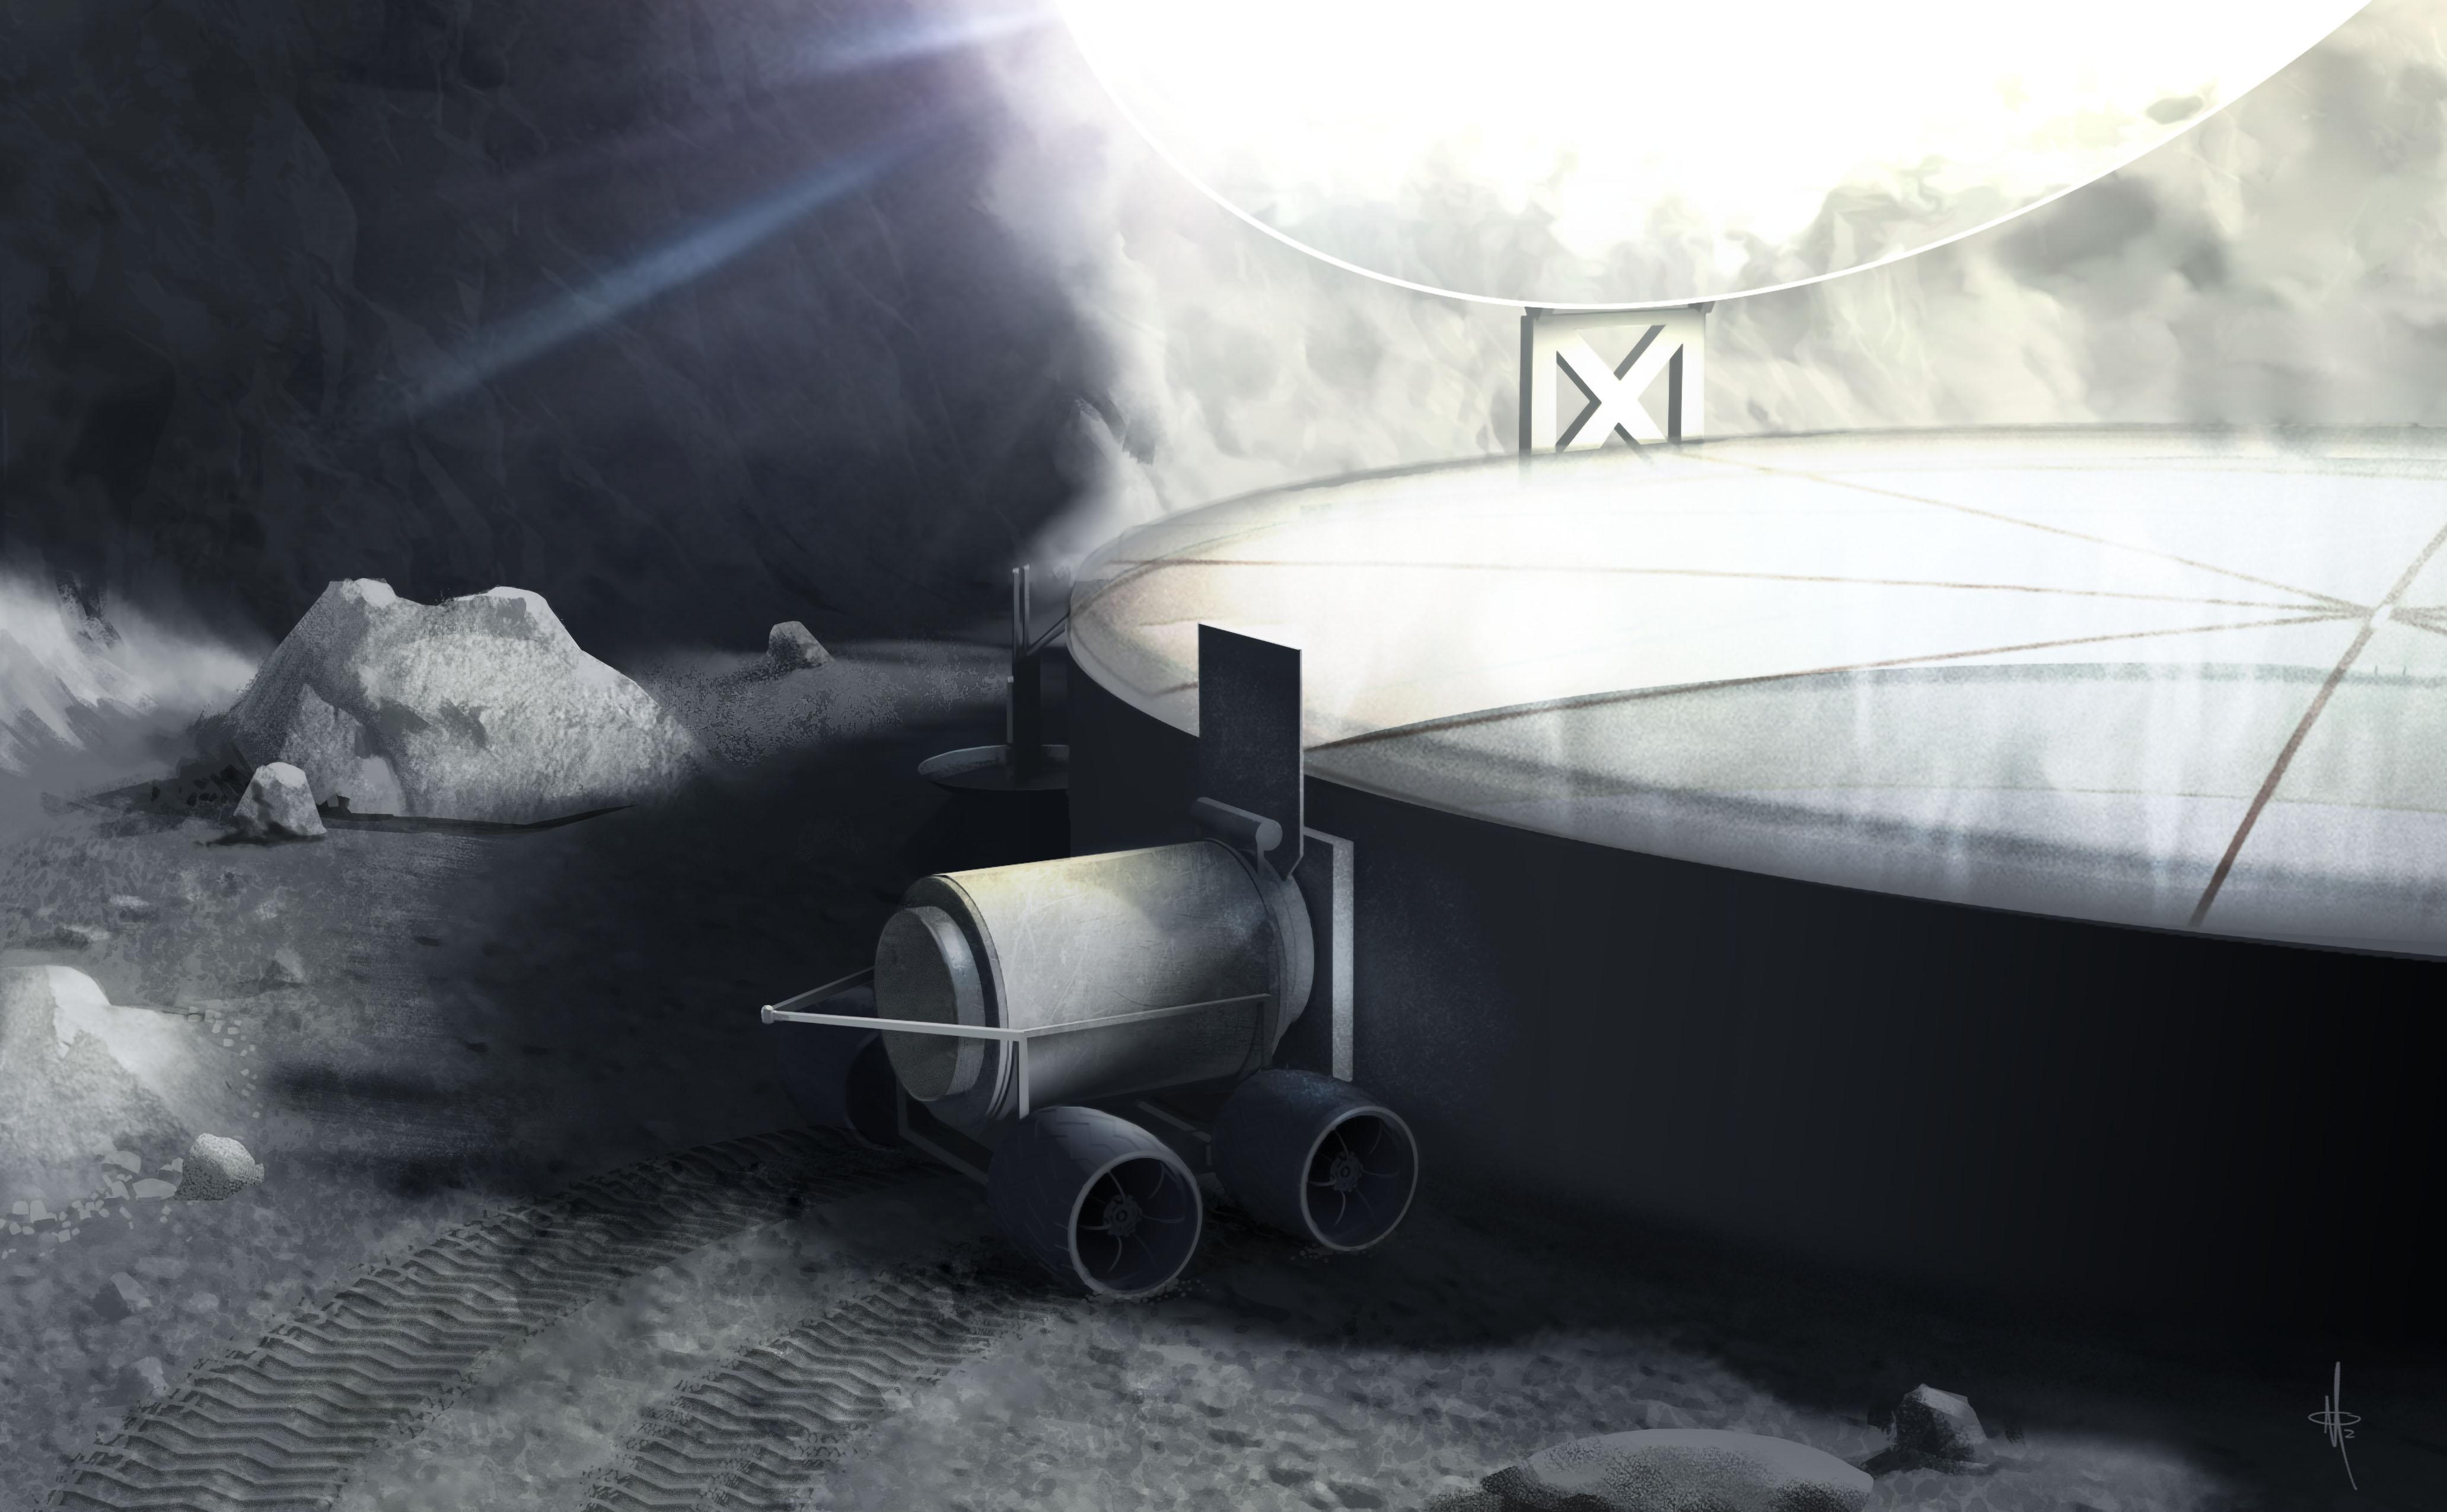 「月で水を掘る」はどこまで現実的か? 動き出したルール作り